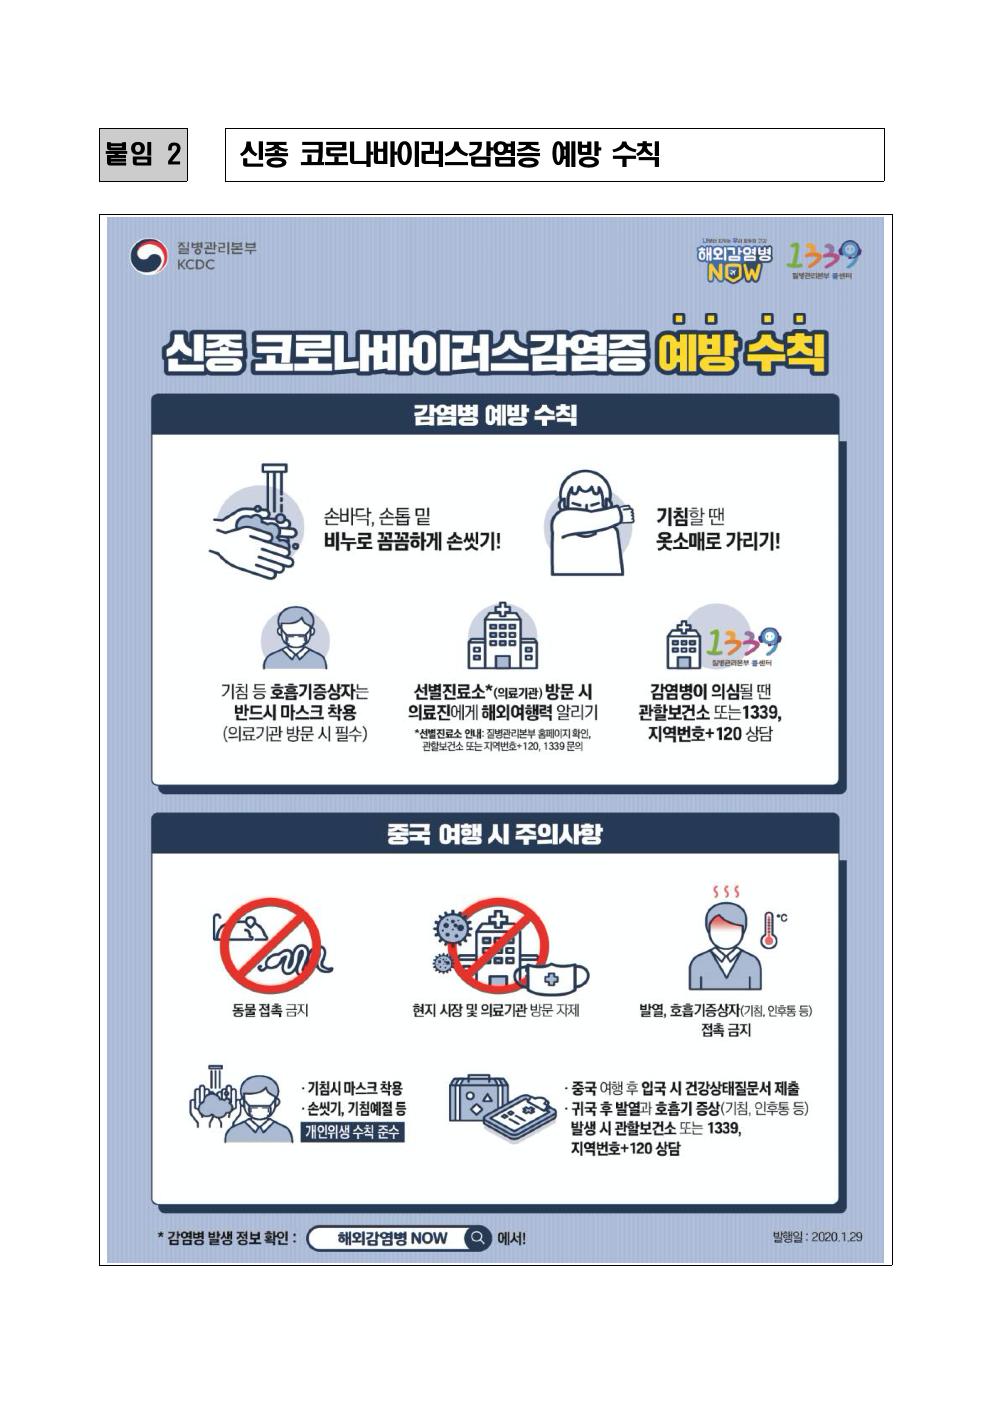 춘교 20-016호 「코로나 바이러스 감염증-19」의 확진자 급증에 따른 권고사항010.jpg